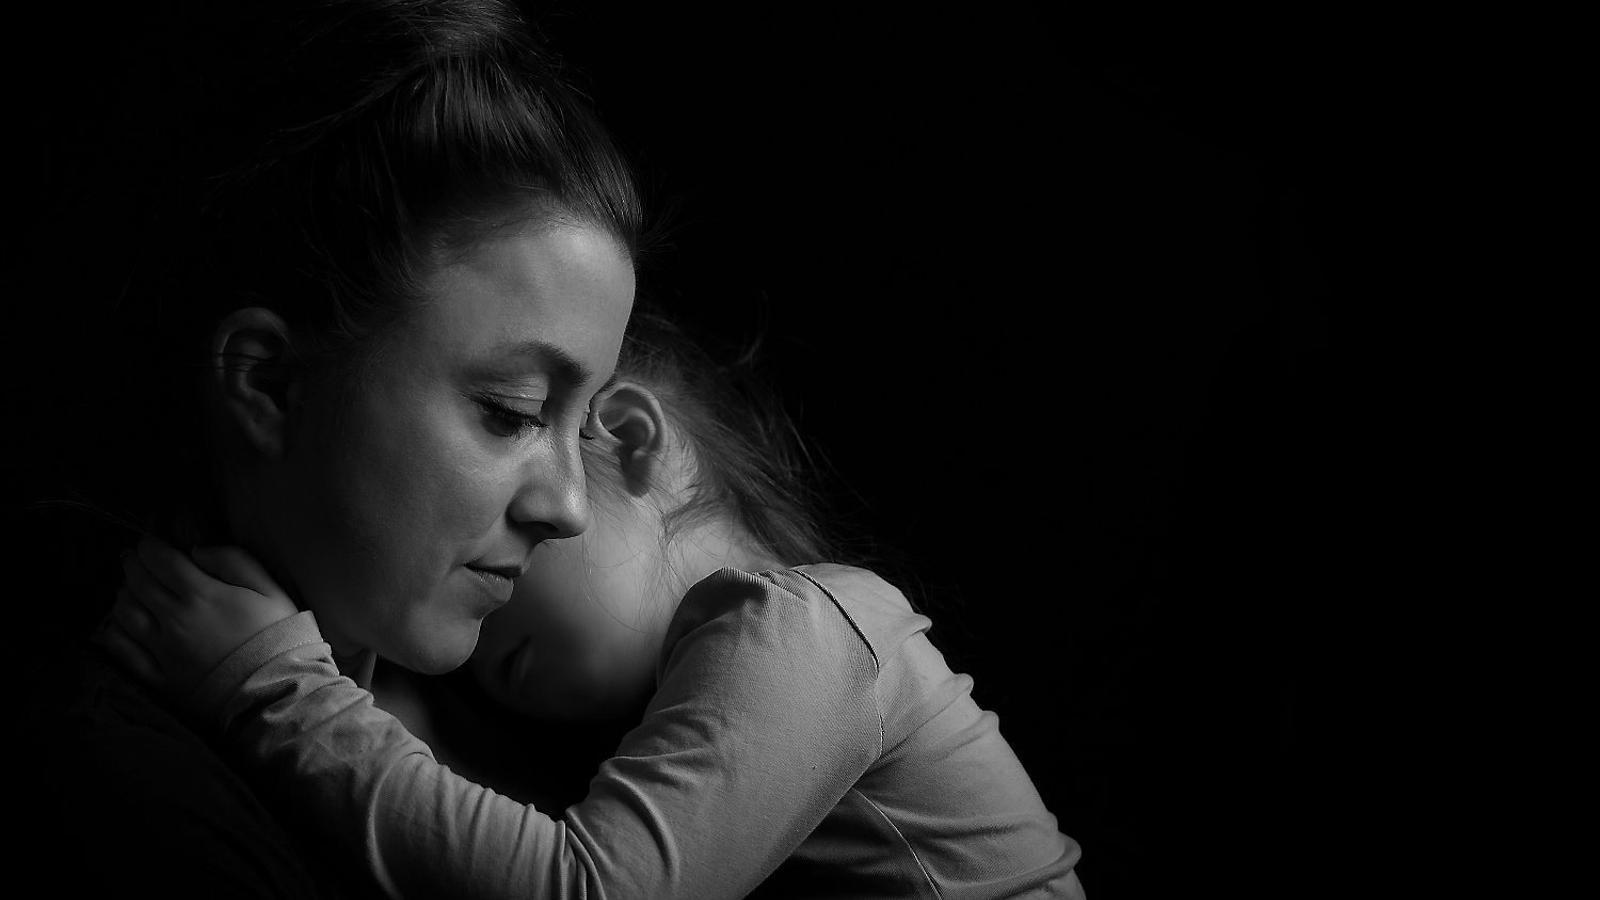 Els experts recomanen als pares que no tinguin por de prendre decisions pels seus  fills i que eduquin sabent dir no quan cal als nens.